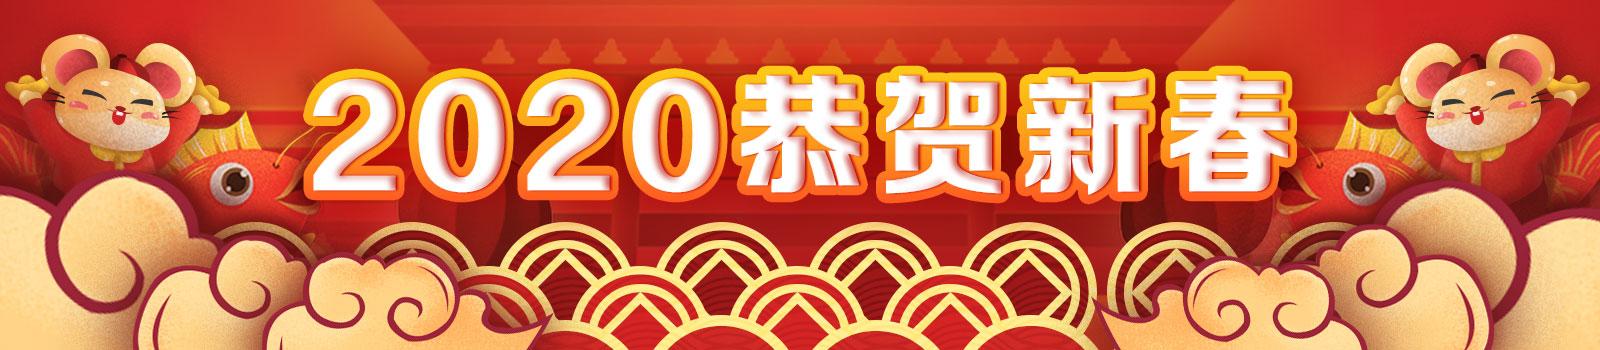 2020恭贺新春